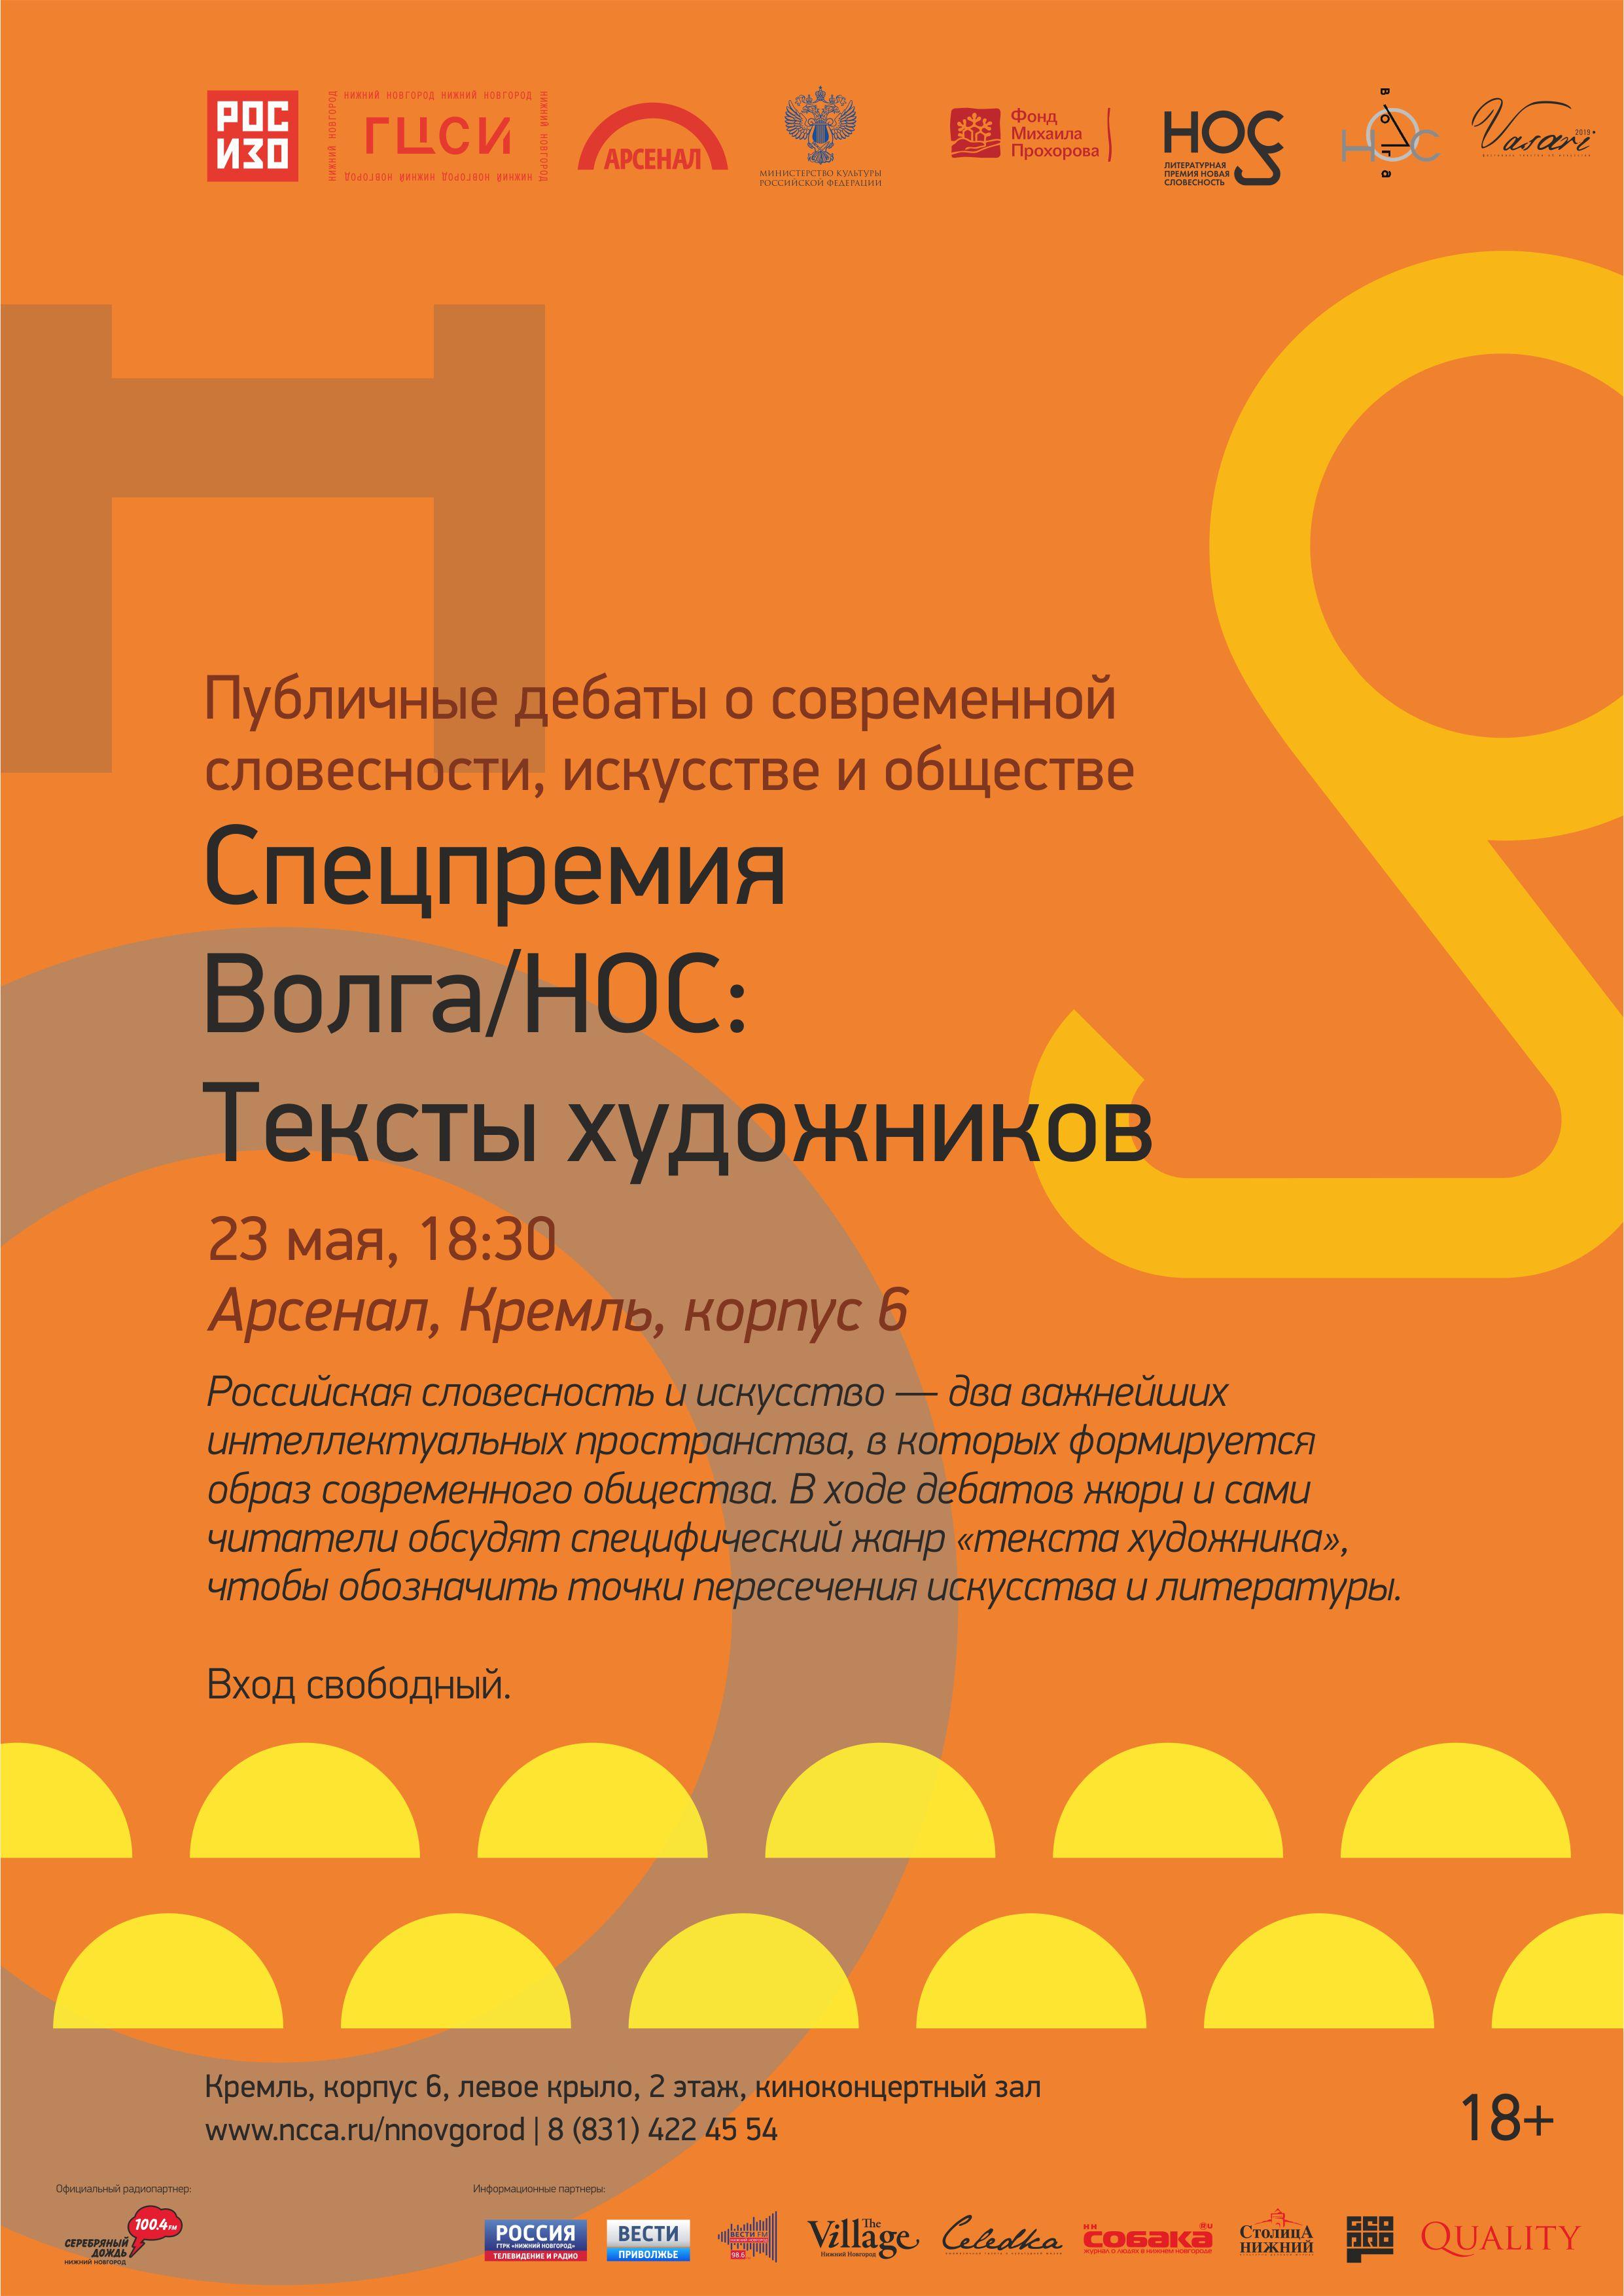 публичные дебаты спецпремии «Волга/НОС: Тексты художников»